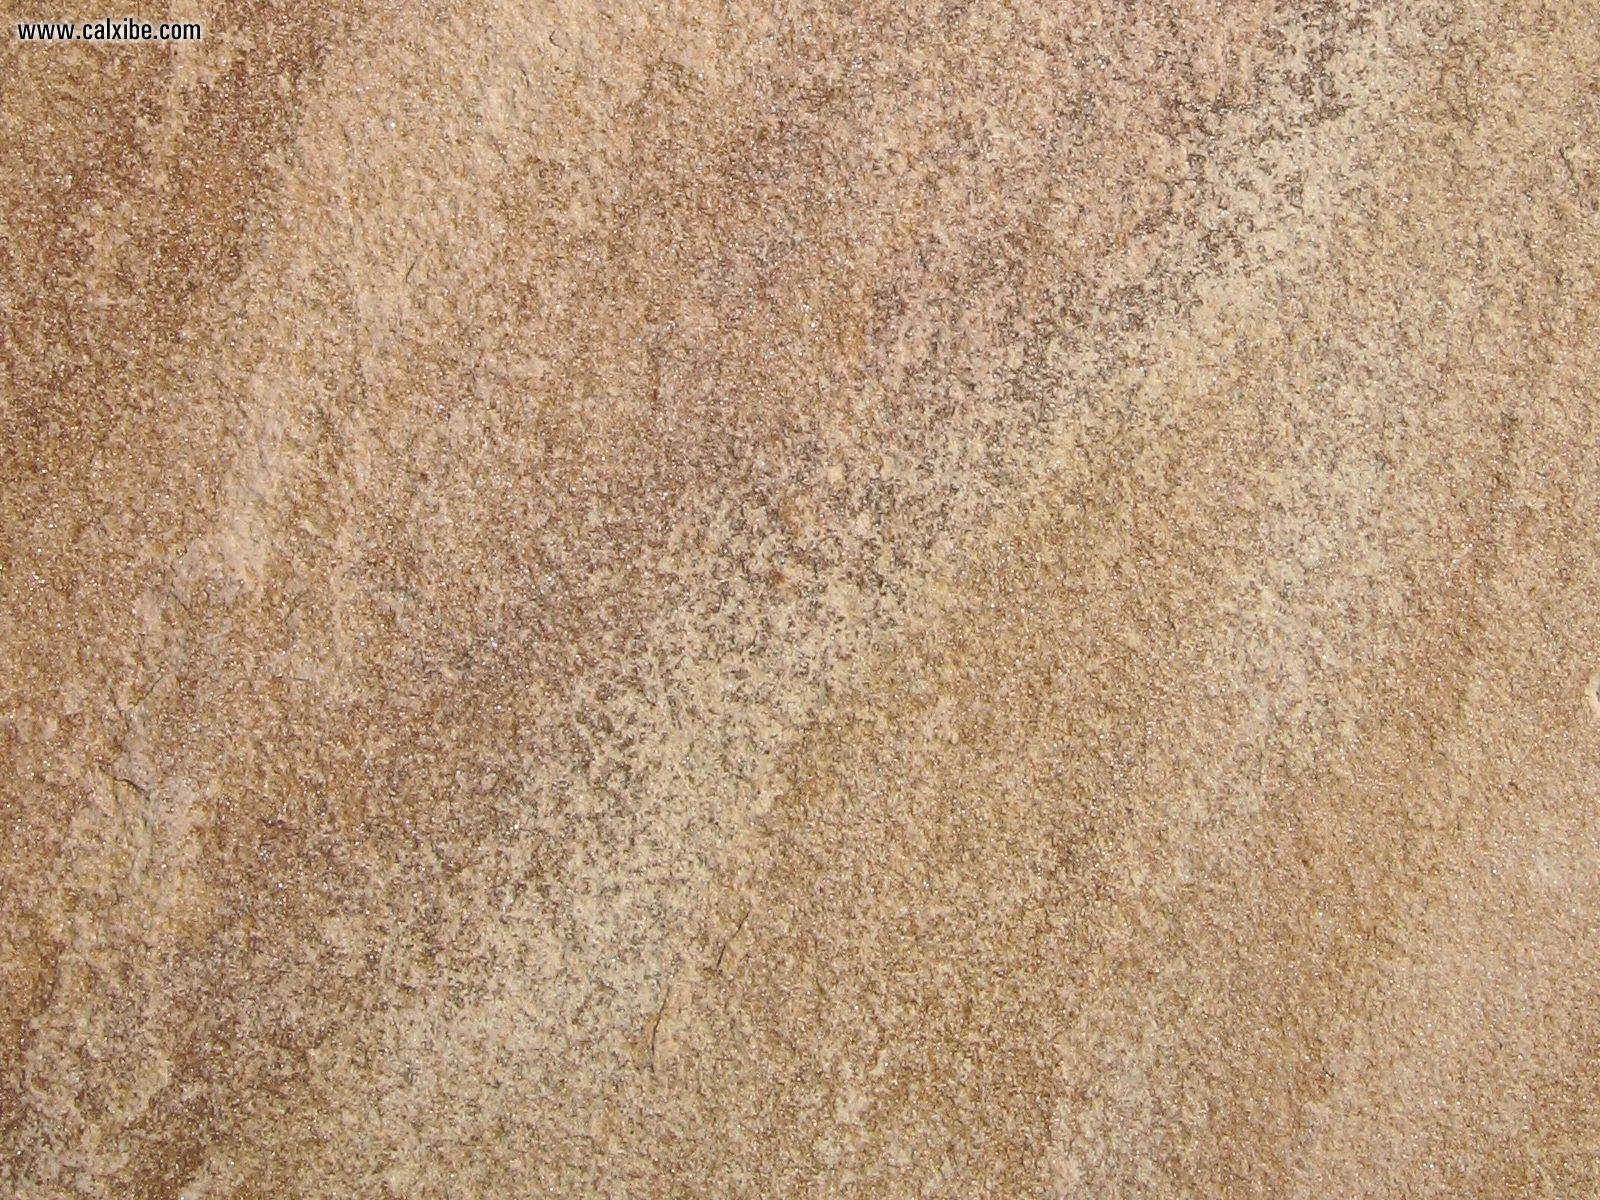 Sandstone Wallpaper - WallpaperSafari